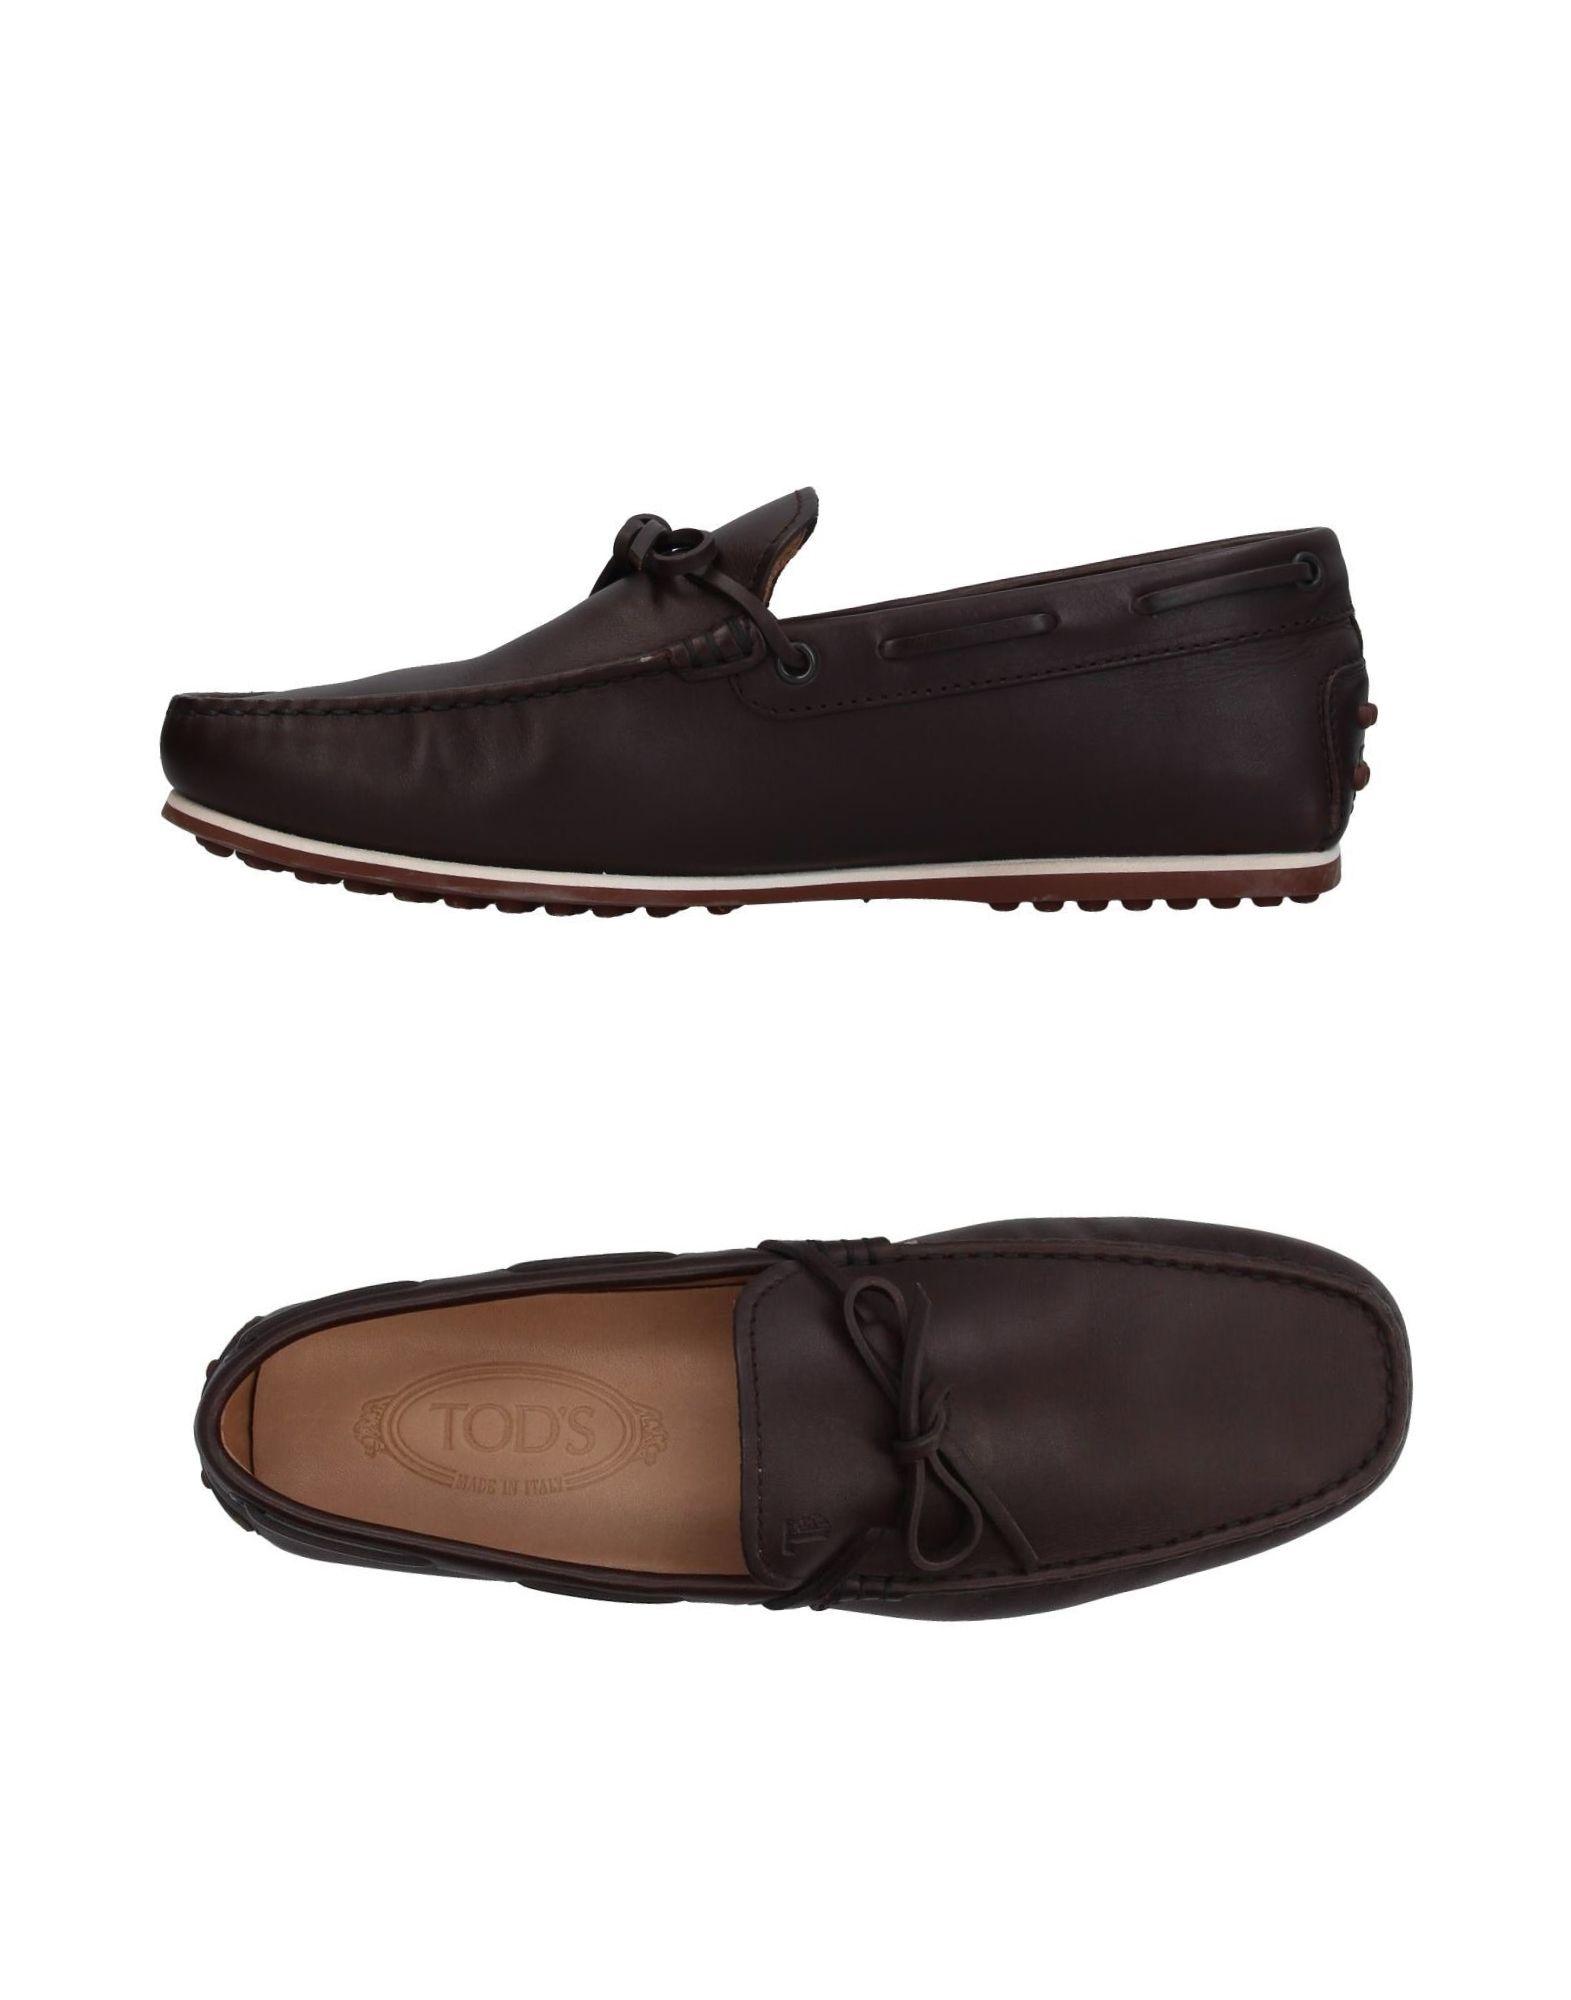 Tod's Mokassins Herren  11176230GN Schuhe Gute Qualität beliebte Schuhe 11176230GN d511bf